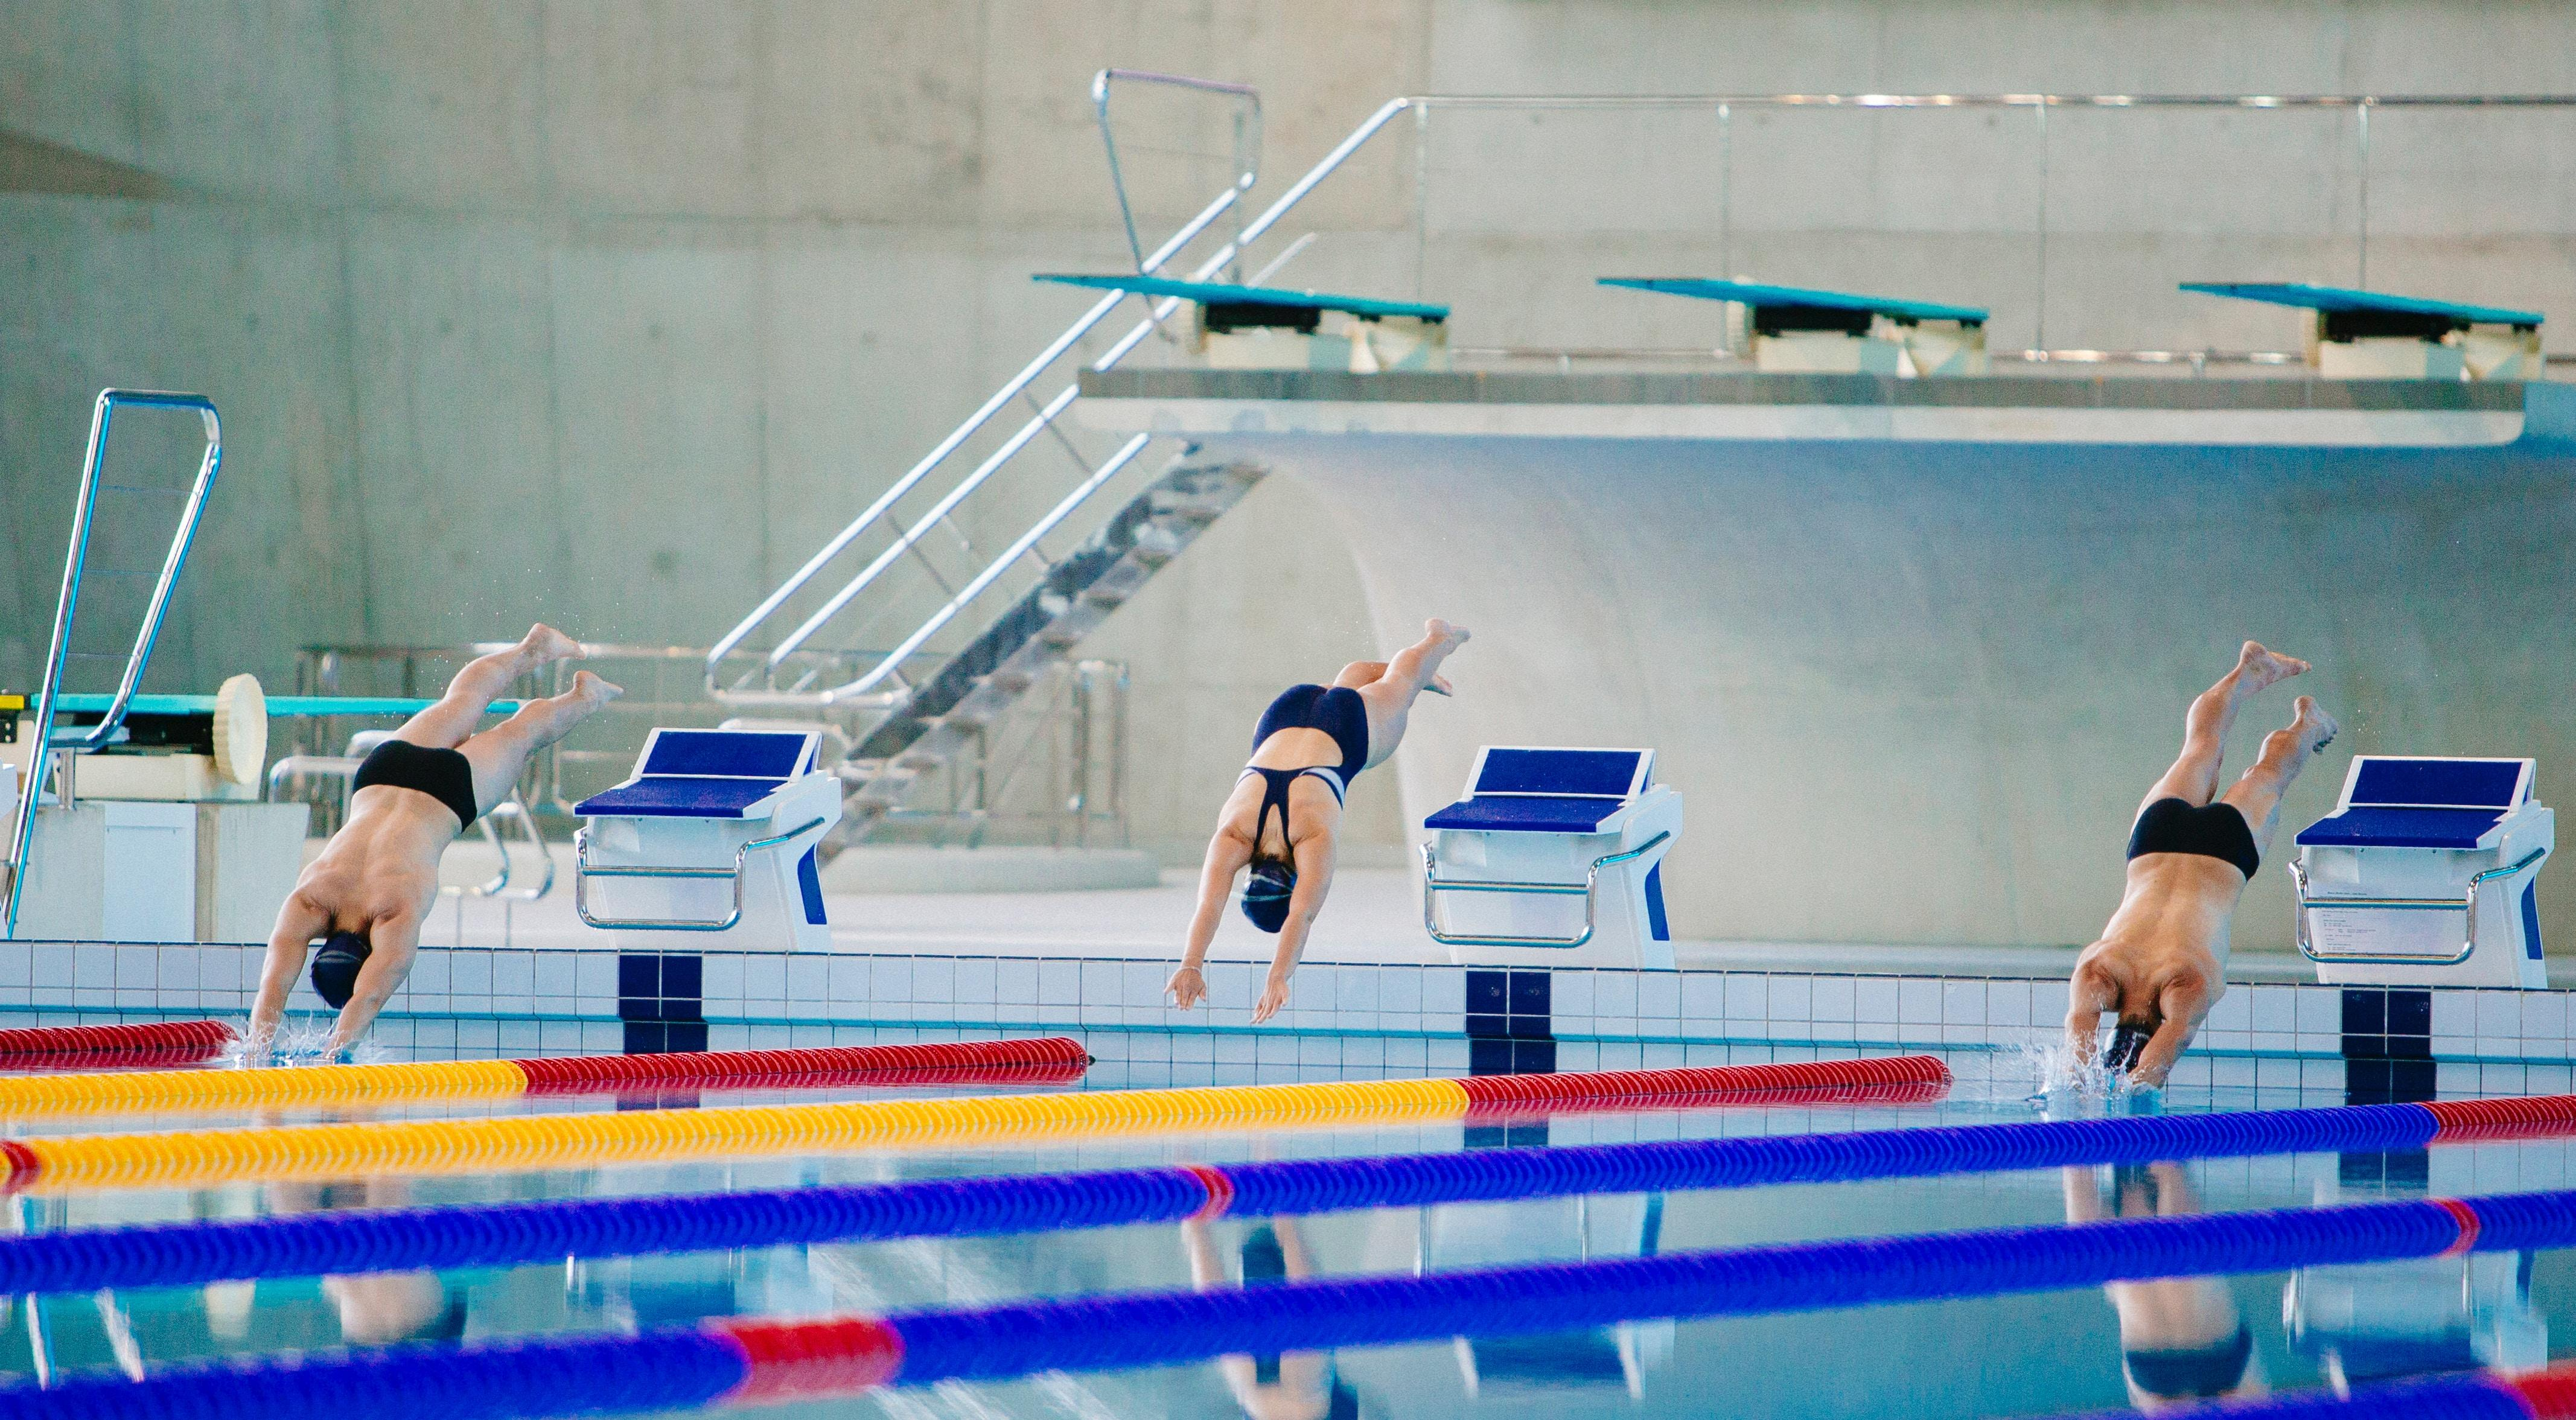 競泳 飛び込み